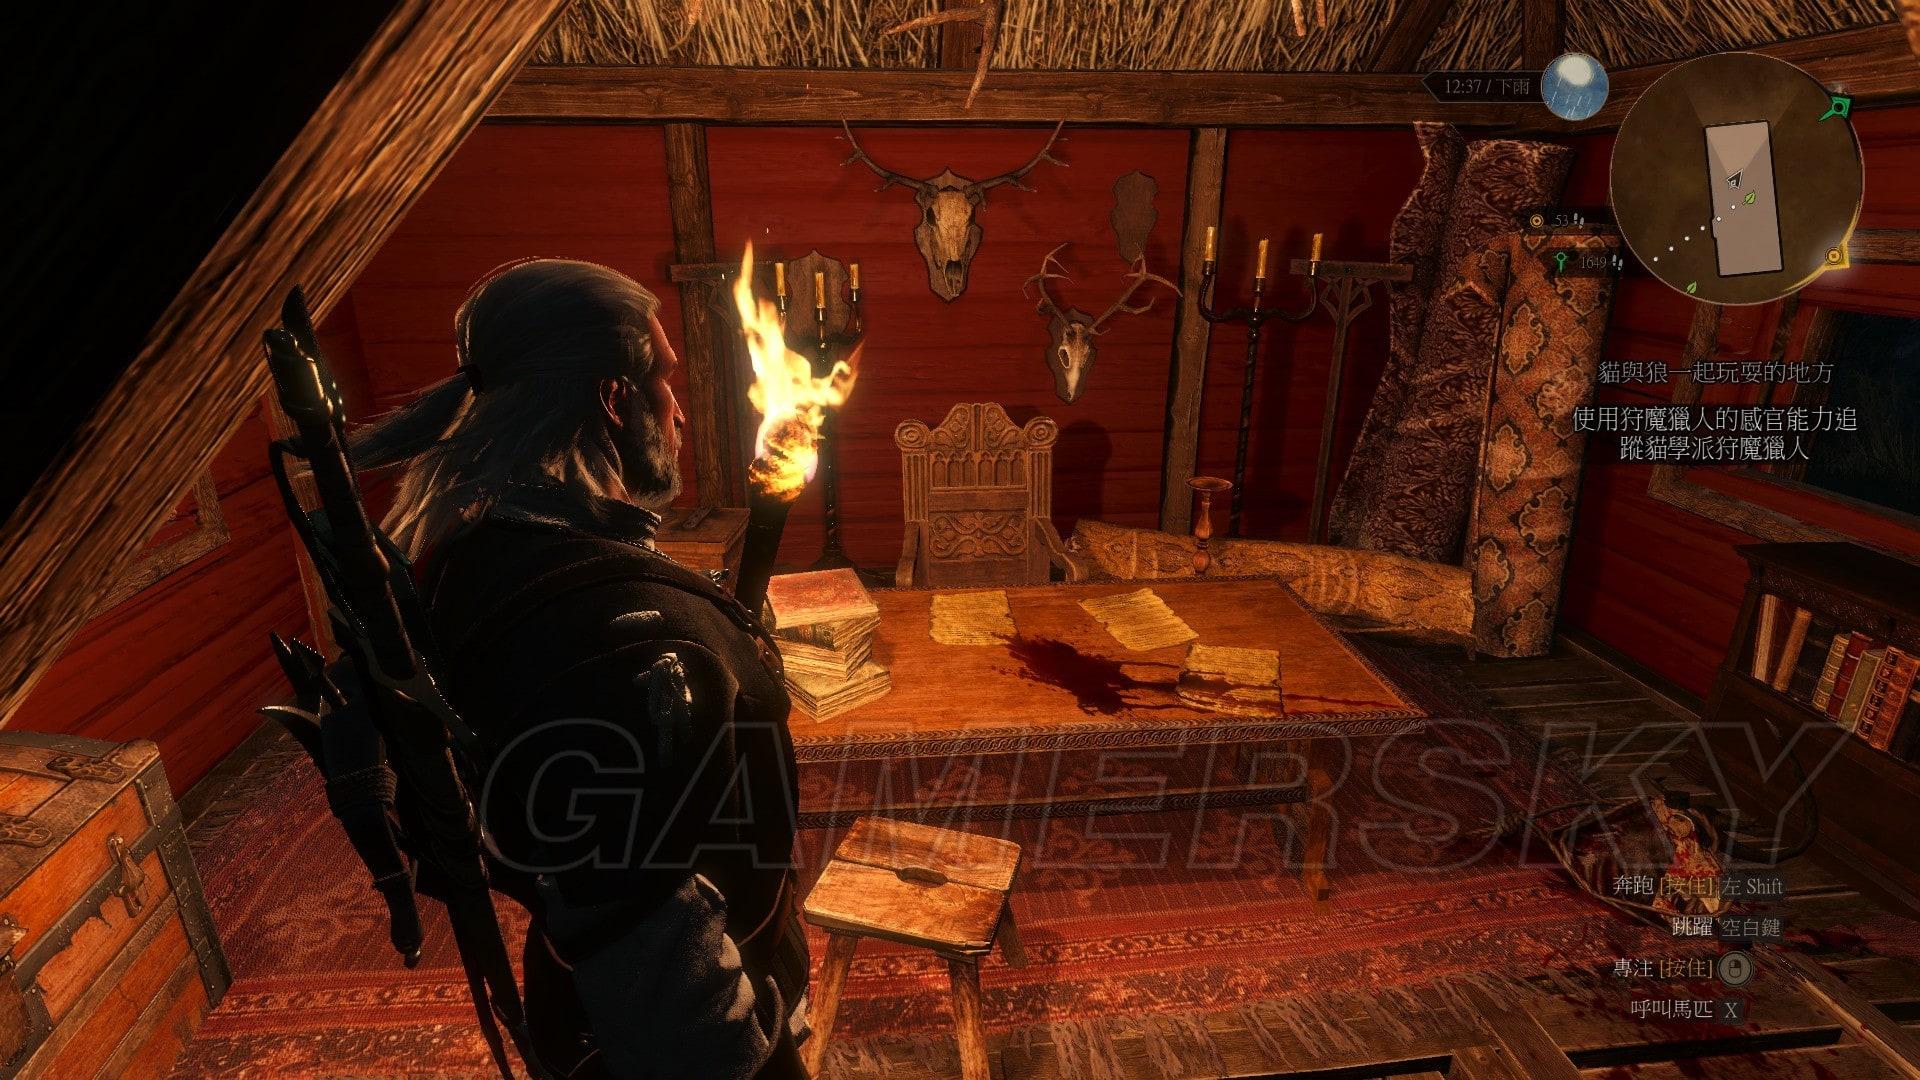 巫師3 貓與狼一起玩耍的地方真相分析